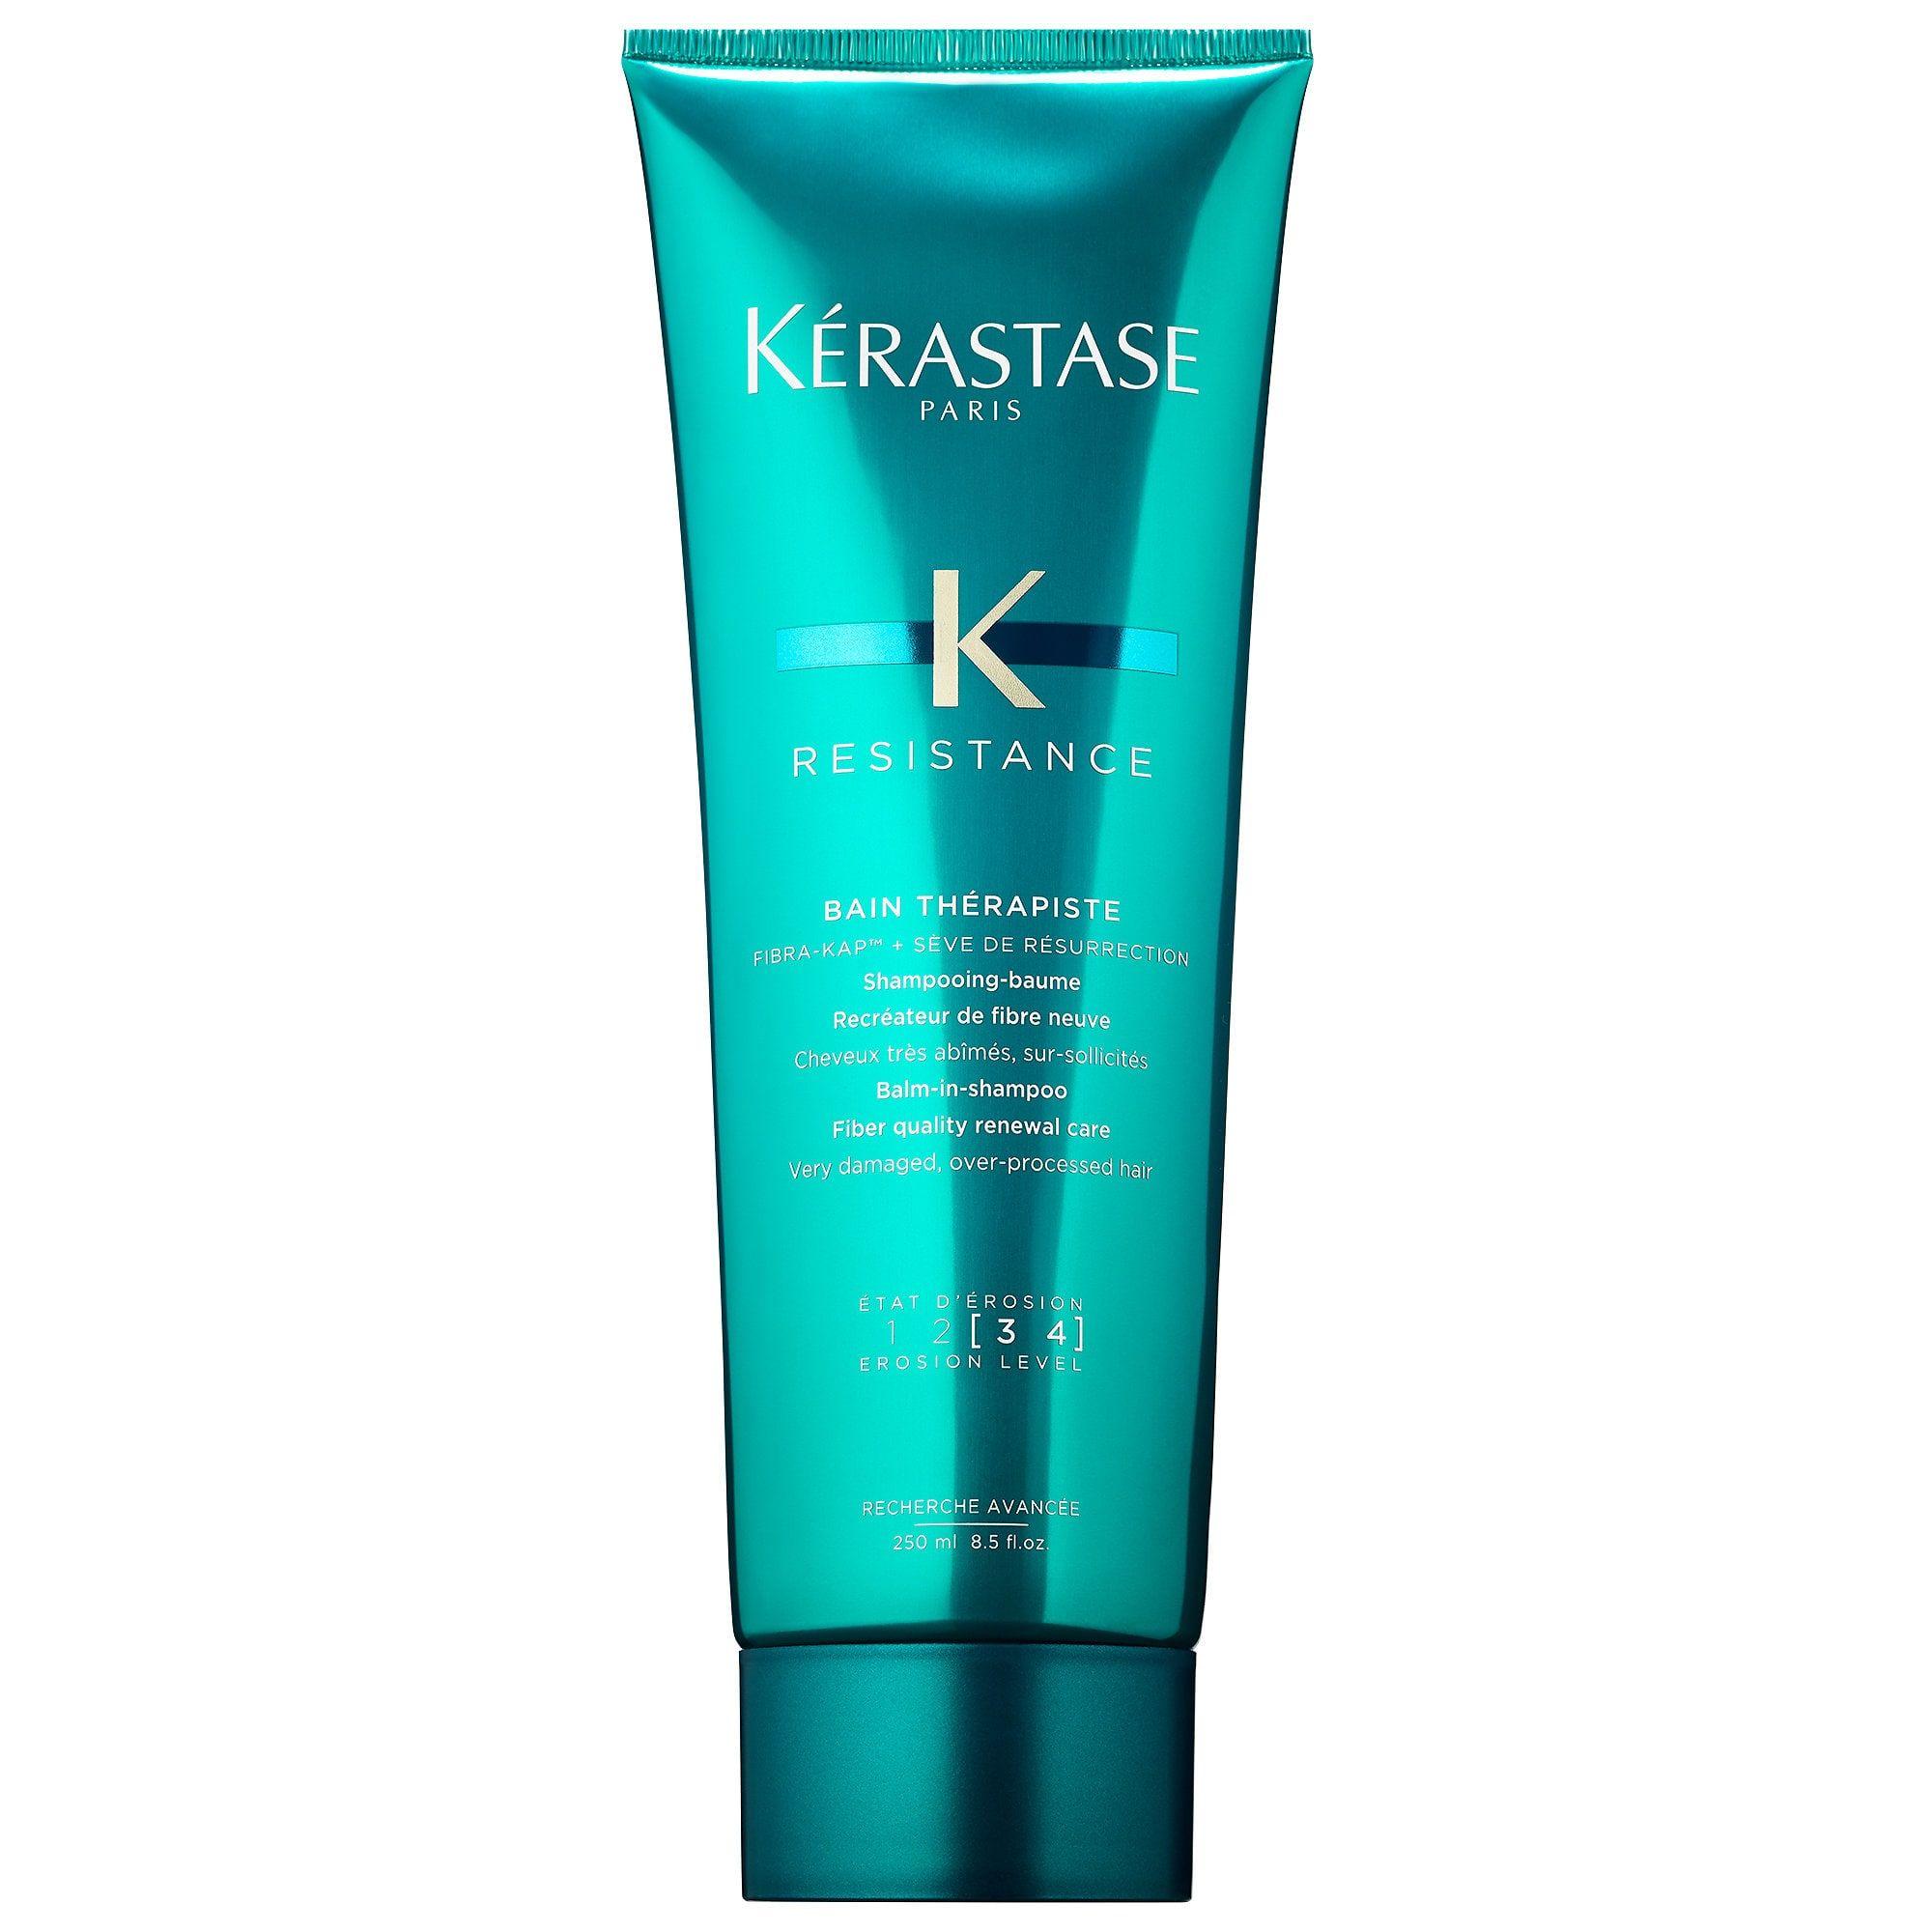 Resistance Shampoo for Severely Damaged Hair Kérastase